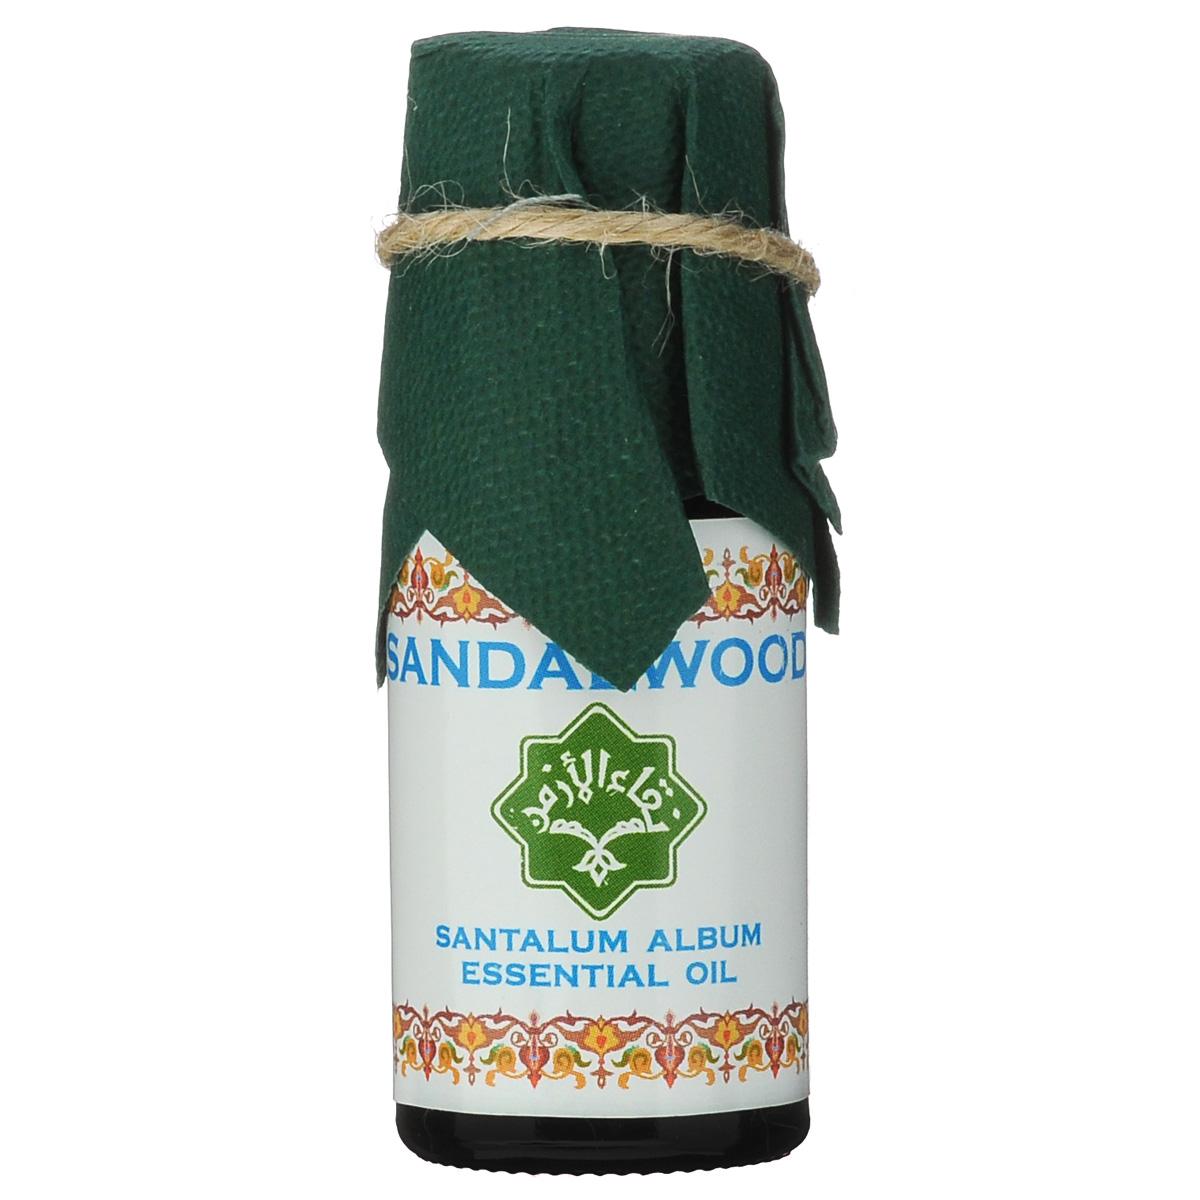 Зейтун Эфирное масло Сандал, 10 млZ3649Абсолютно чистое, 100% натуральное эфирное масло Сандала, произведенное в соответствии со стандартом европейской фармакопеи; по своим качествам и свойствам значительно превосходит дешевые аналоги. Применение в ароматерапии: Аромат эфирного масла сандалового дерева благотворно воздействует на нервную систему, снимает беспокойство и напряжение, страхи, депрессию, приносит мир и покой в утомленную душу, создает радостное настроение. Приносит успокоение и релаксацию при возникновении негативных психоэмоциональных реакций на стрессовые ситуации и конфликты. Эфирное масло сандалового дерева устраняет плаксивость, бессонницу, астено-депрессивный синдром, невротическую потерю голоса и затрудненное глотание. Способствует росту творческих способностей. Аромат для медитации. Древесный запах сандалового дерева регулирует настроение, возбуждает чувственность (является эротическим стимулятором), устраняет бессонницу. Действие эфирного масла сандалового дерева является универсальным — оно...